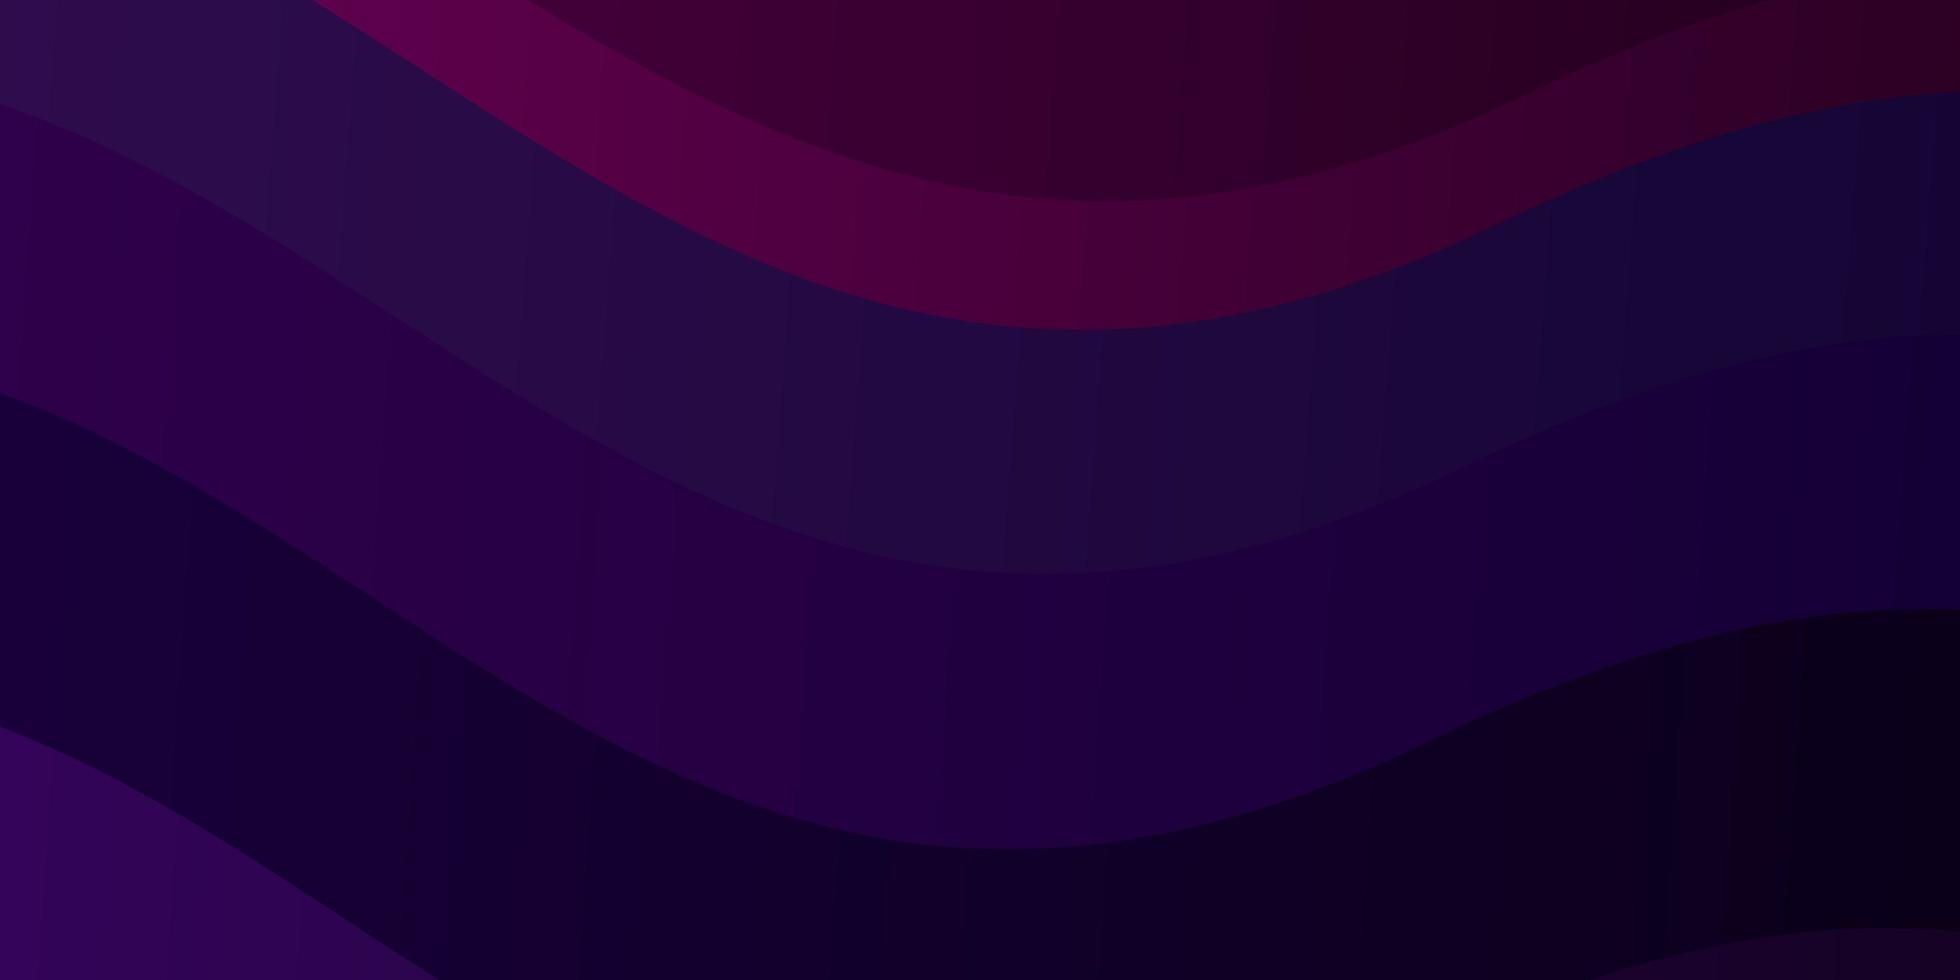 mörk lila och rosa bakgrund med böjda linjer. vektor